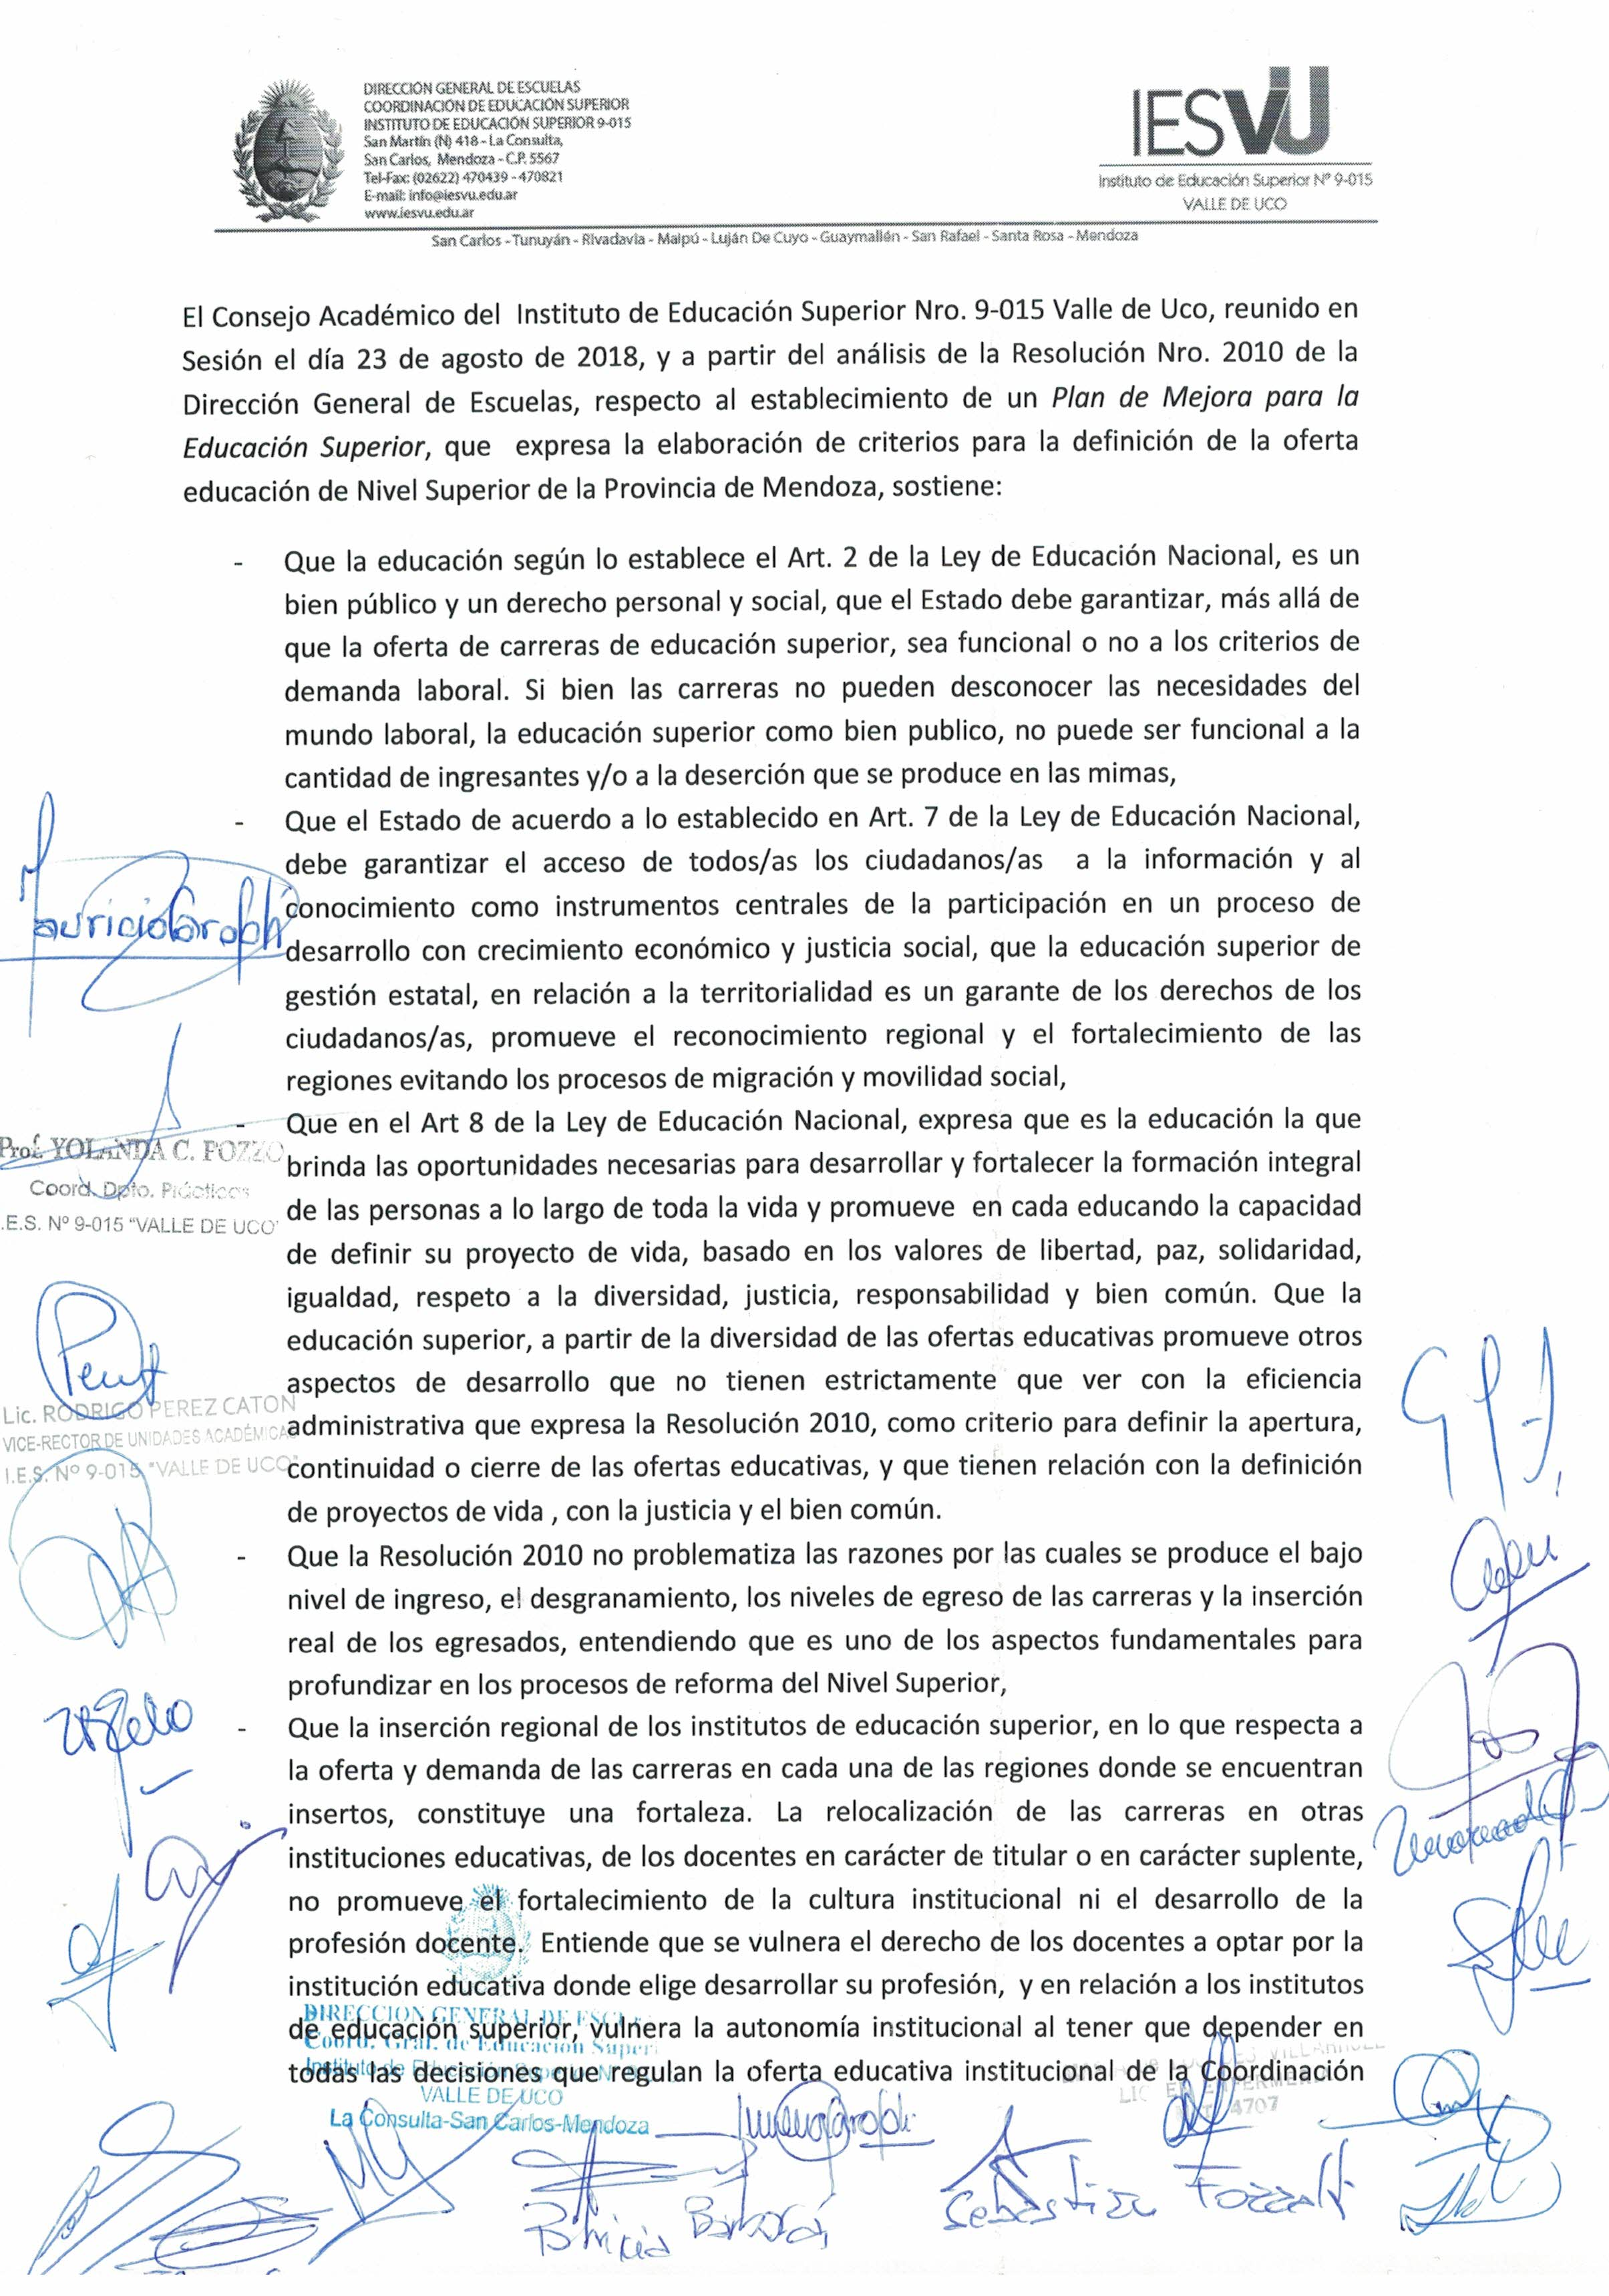 Acta Consejo Académico 23-08-2018 (1)